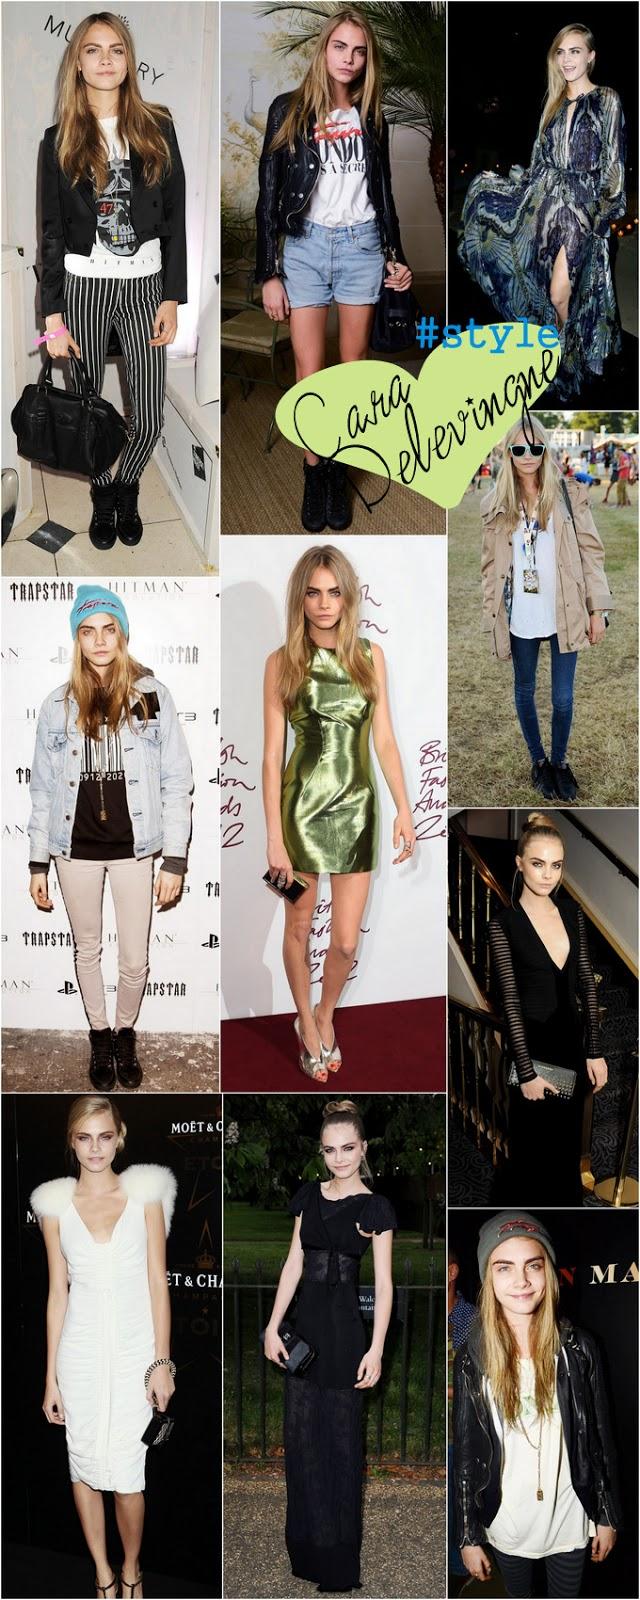 Looks despojados e modernos de Cara Delevingne em Red Carpets e nas semanas de moda PFW, NYFW.